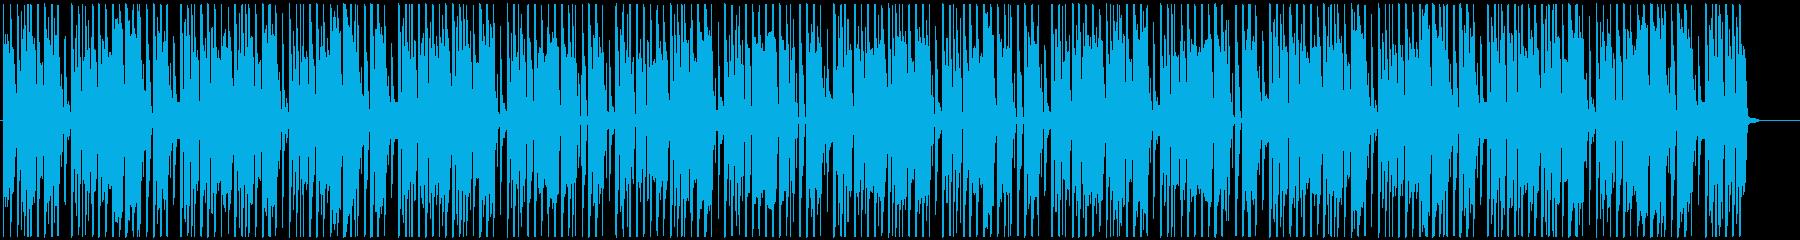 レゲエ ほのぼのハートビートの再生済みの波形